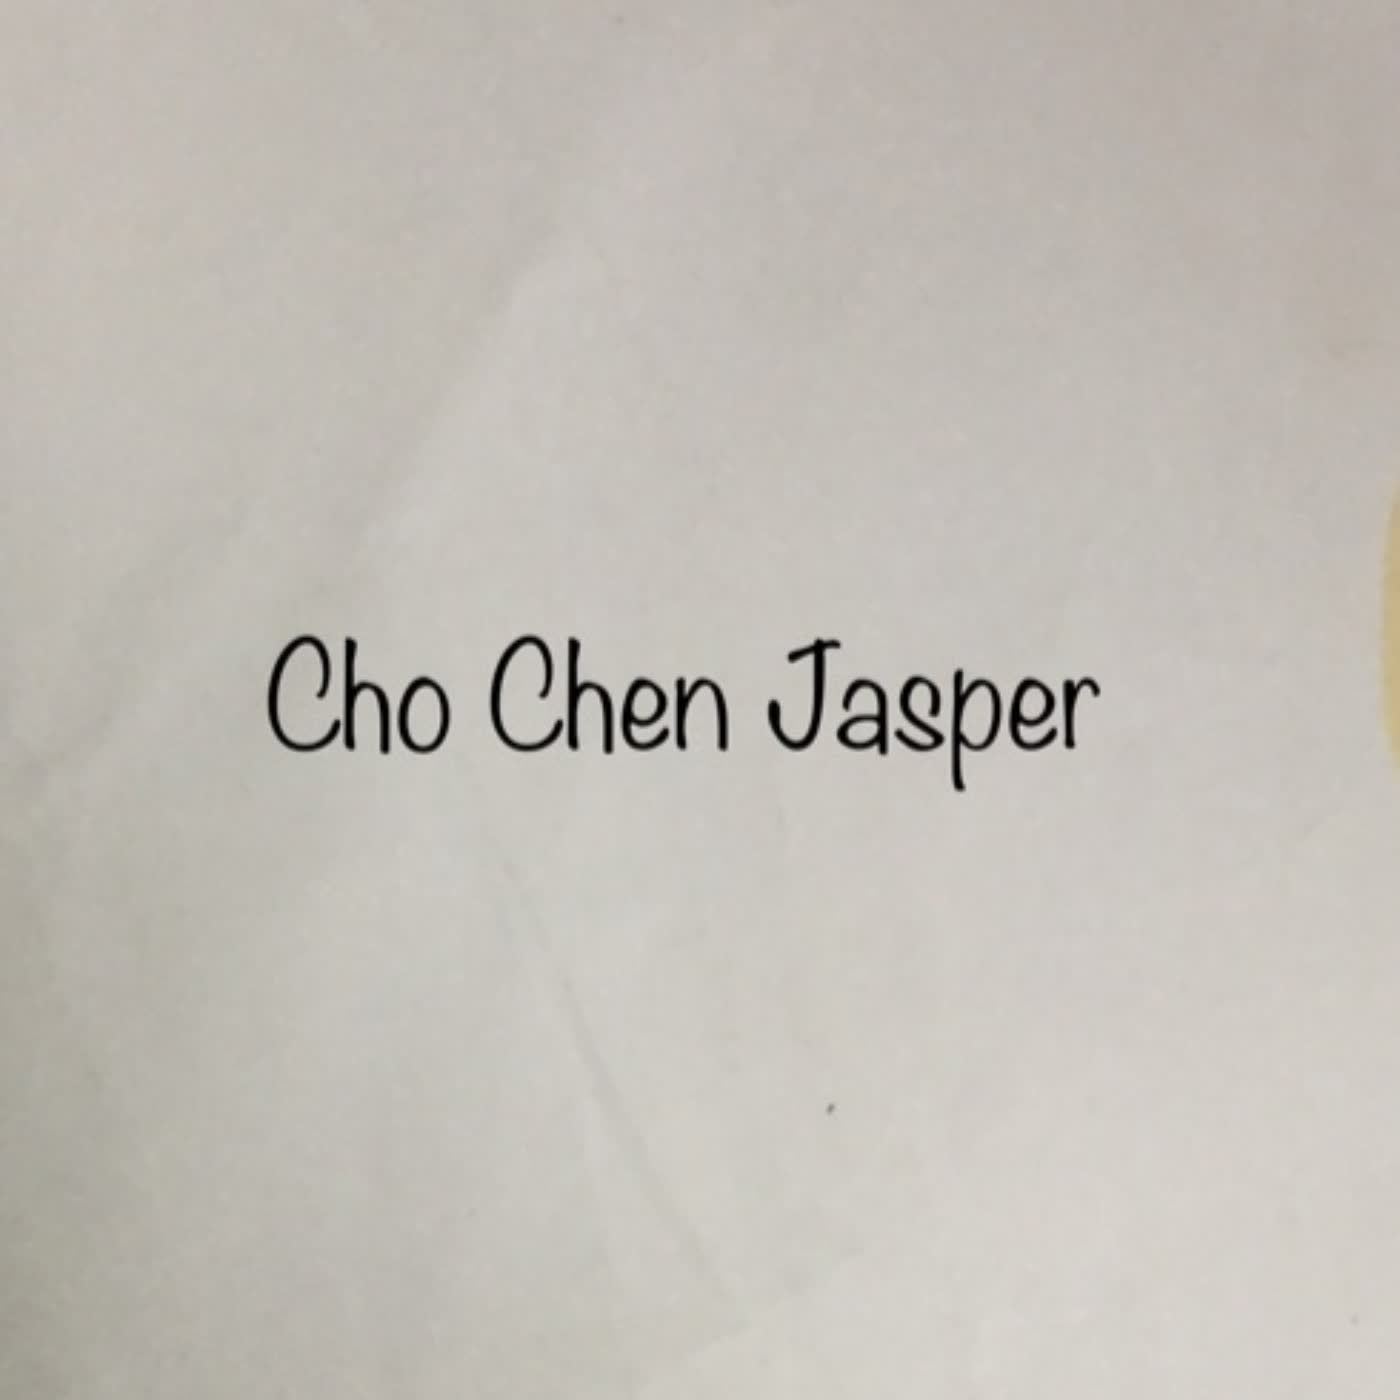 Cho Chen Jasper